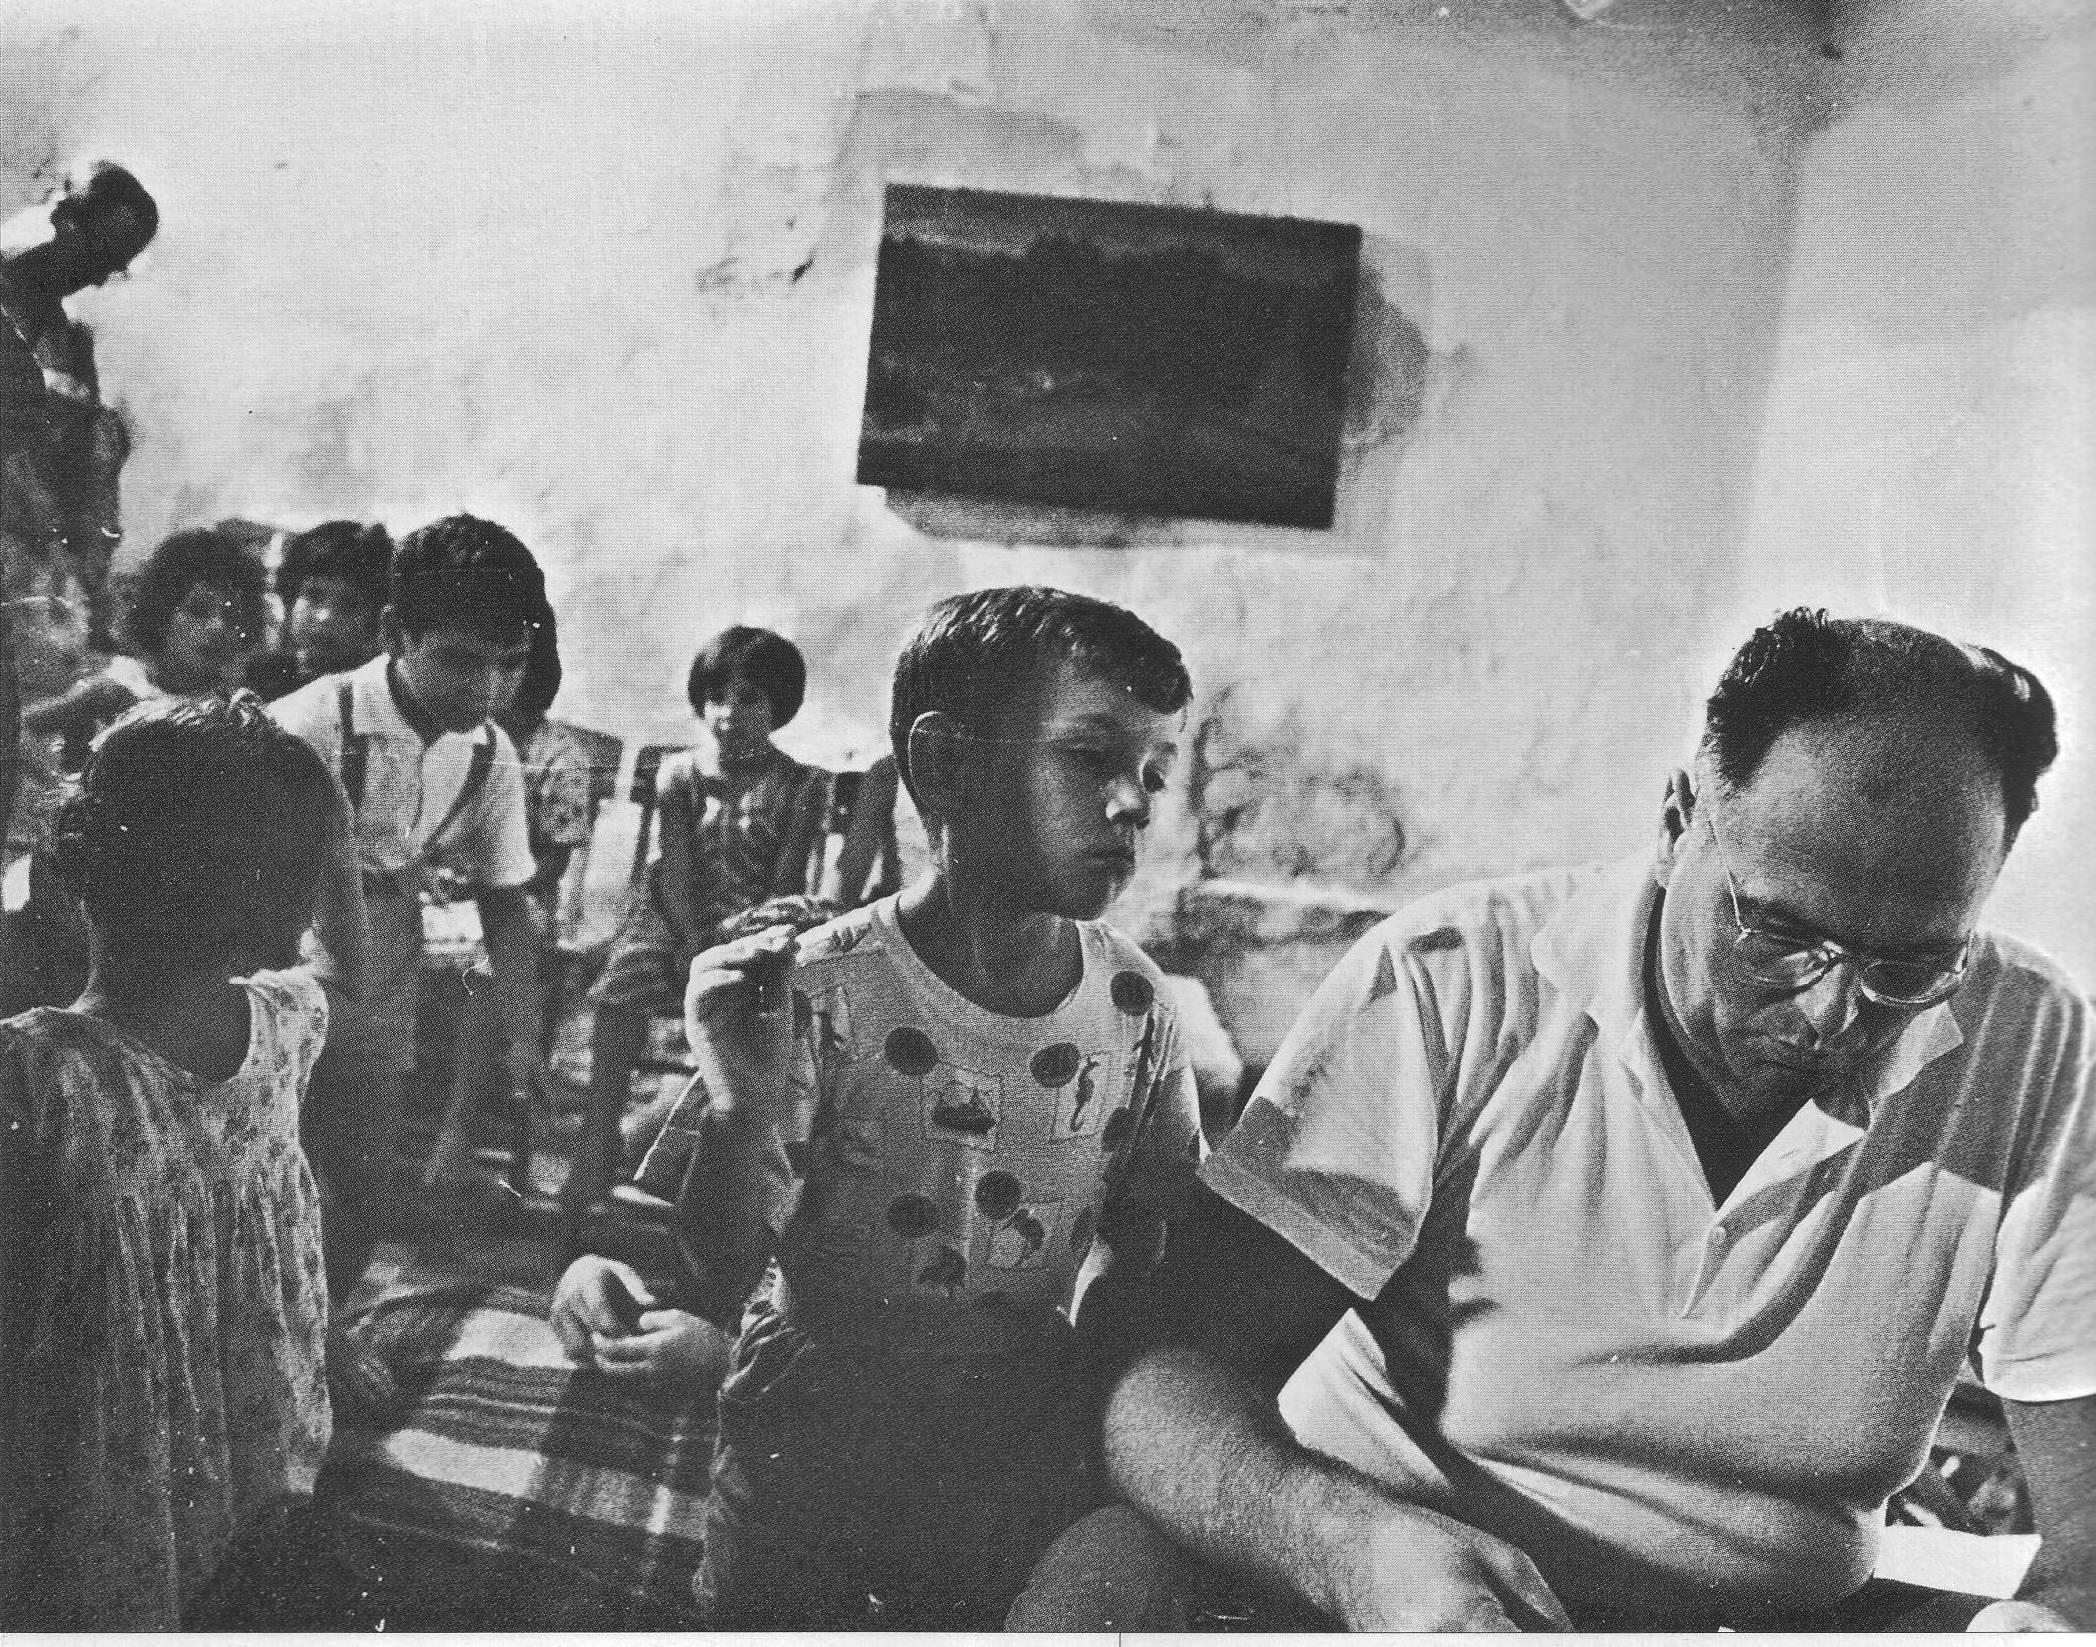 Tre modi di essere educatore: Danilo Dolci, Alberto Manzi, Don Milani